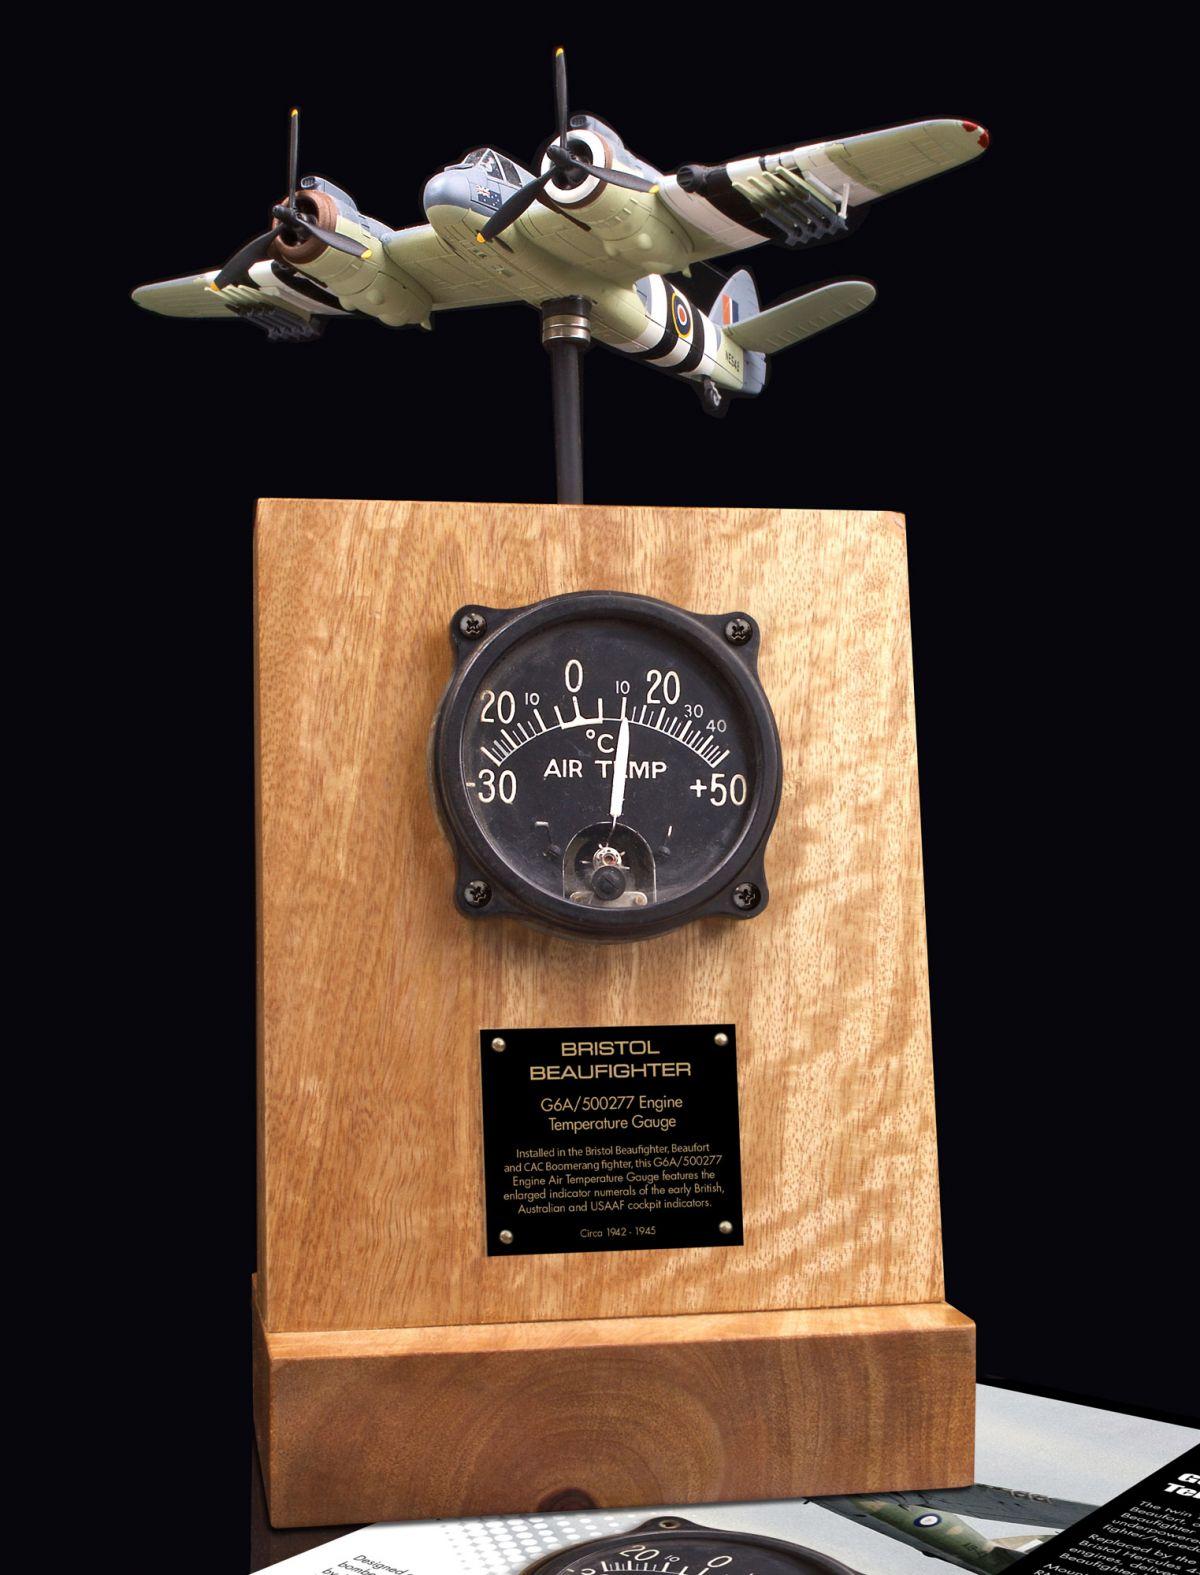 BRISTOL BEAUFIGHTER G6A/500277 ENGINE AIR TEMP GAUGE